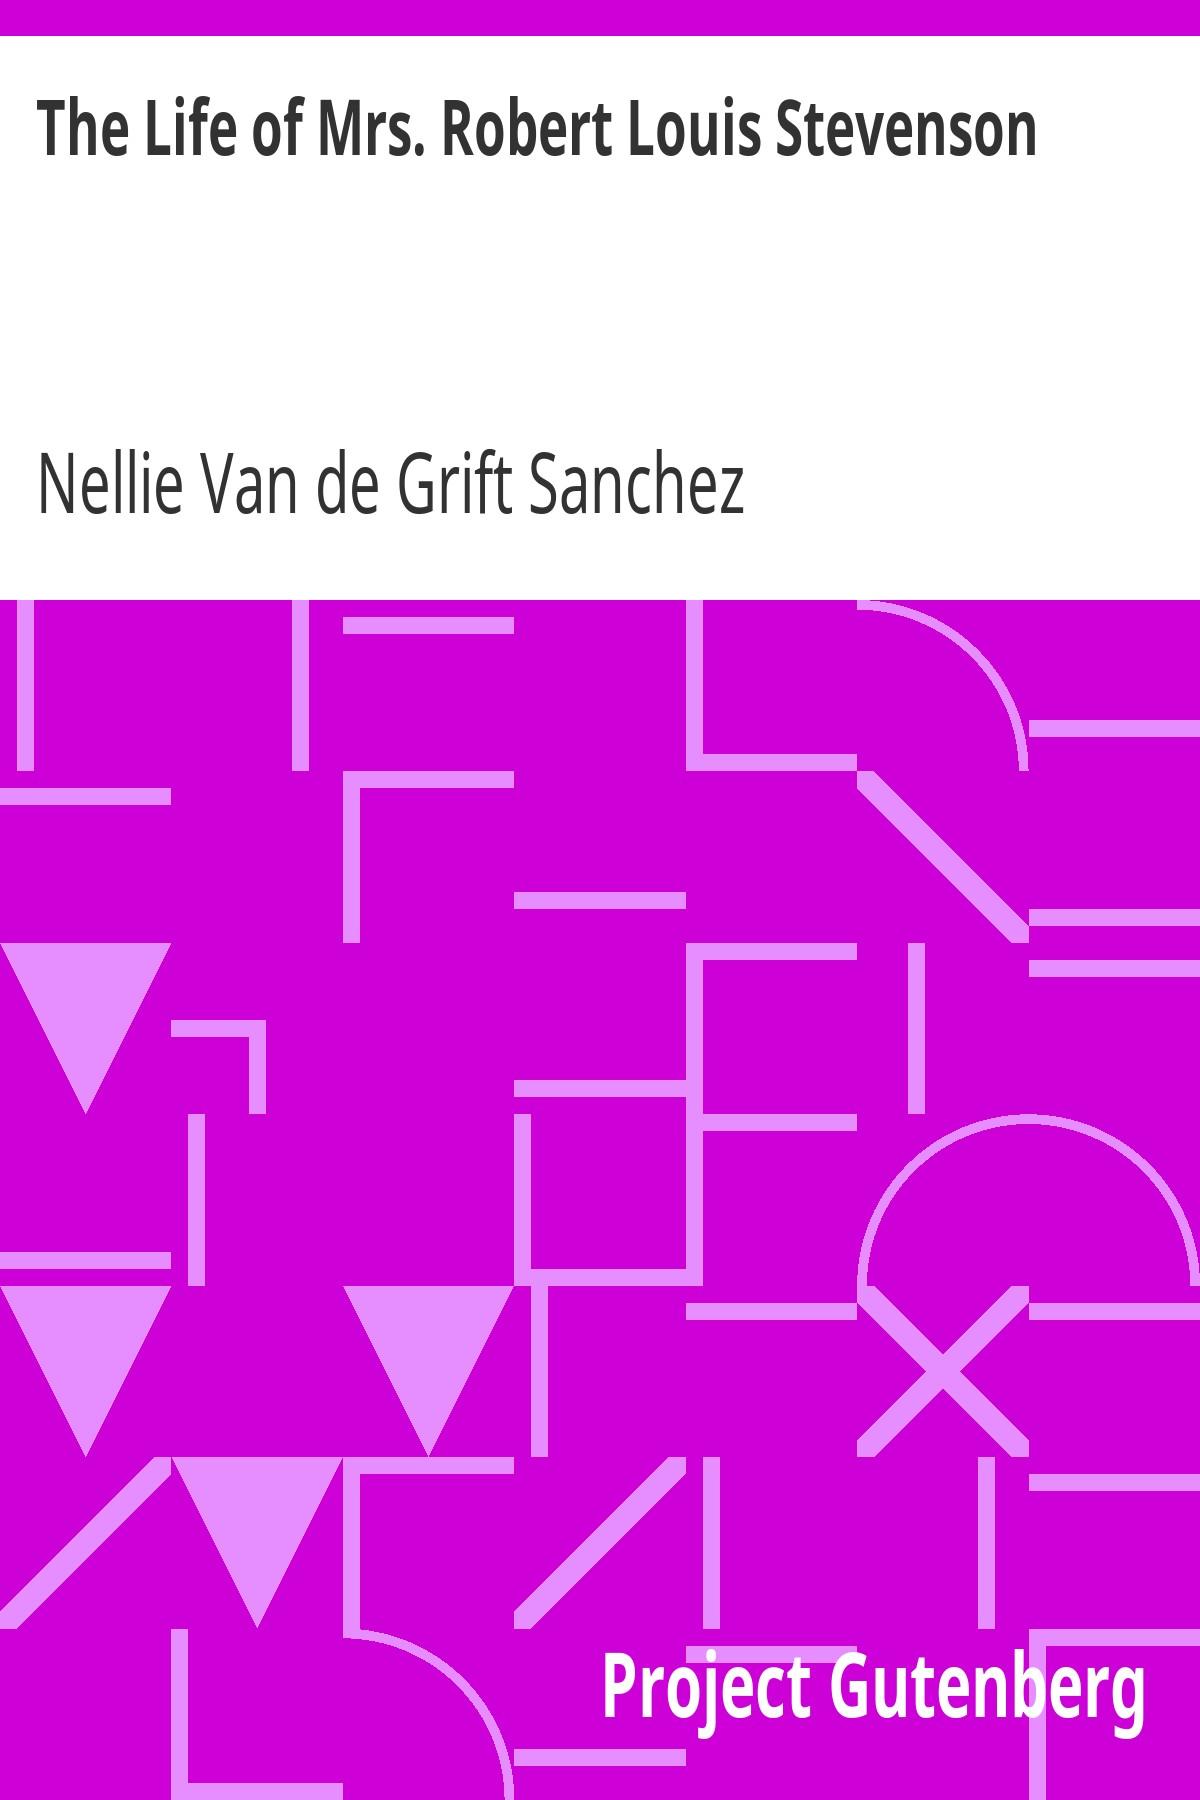 Nellie Van de Grift Sanchez The Life of Mrs. Robert Louis Stevenson